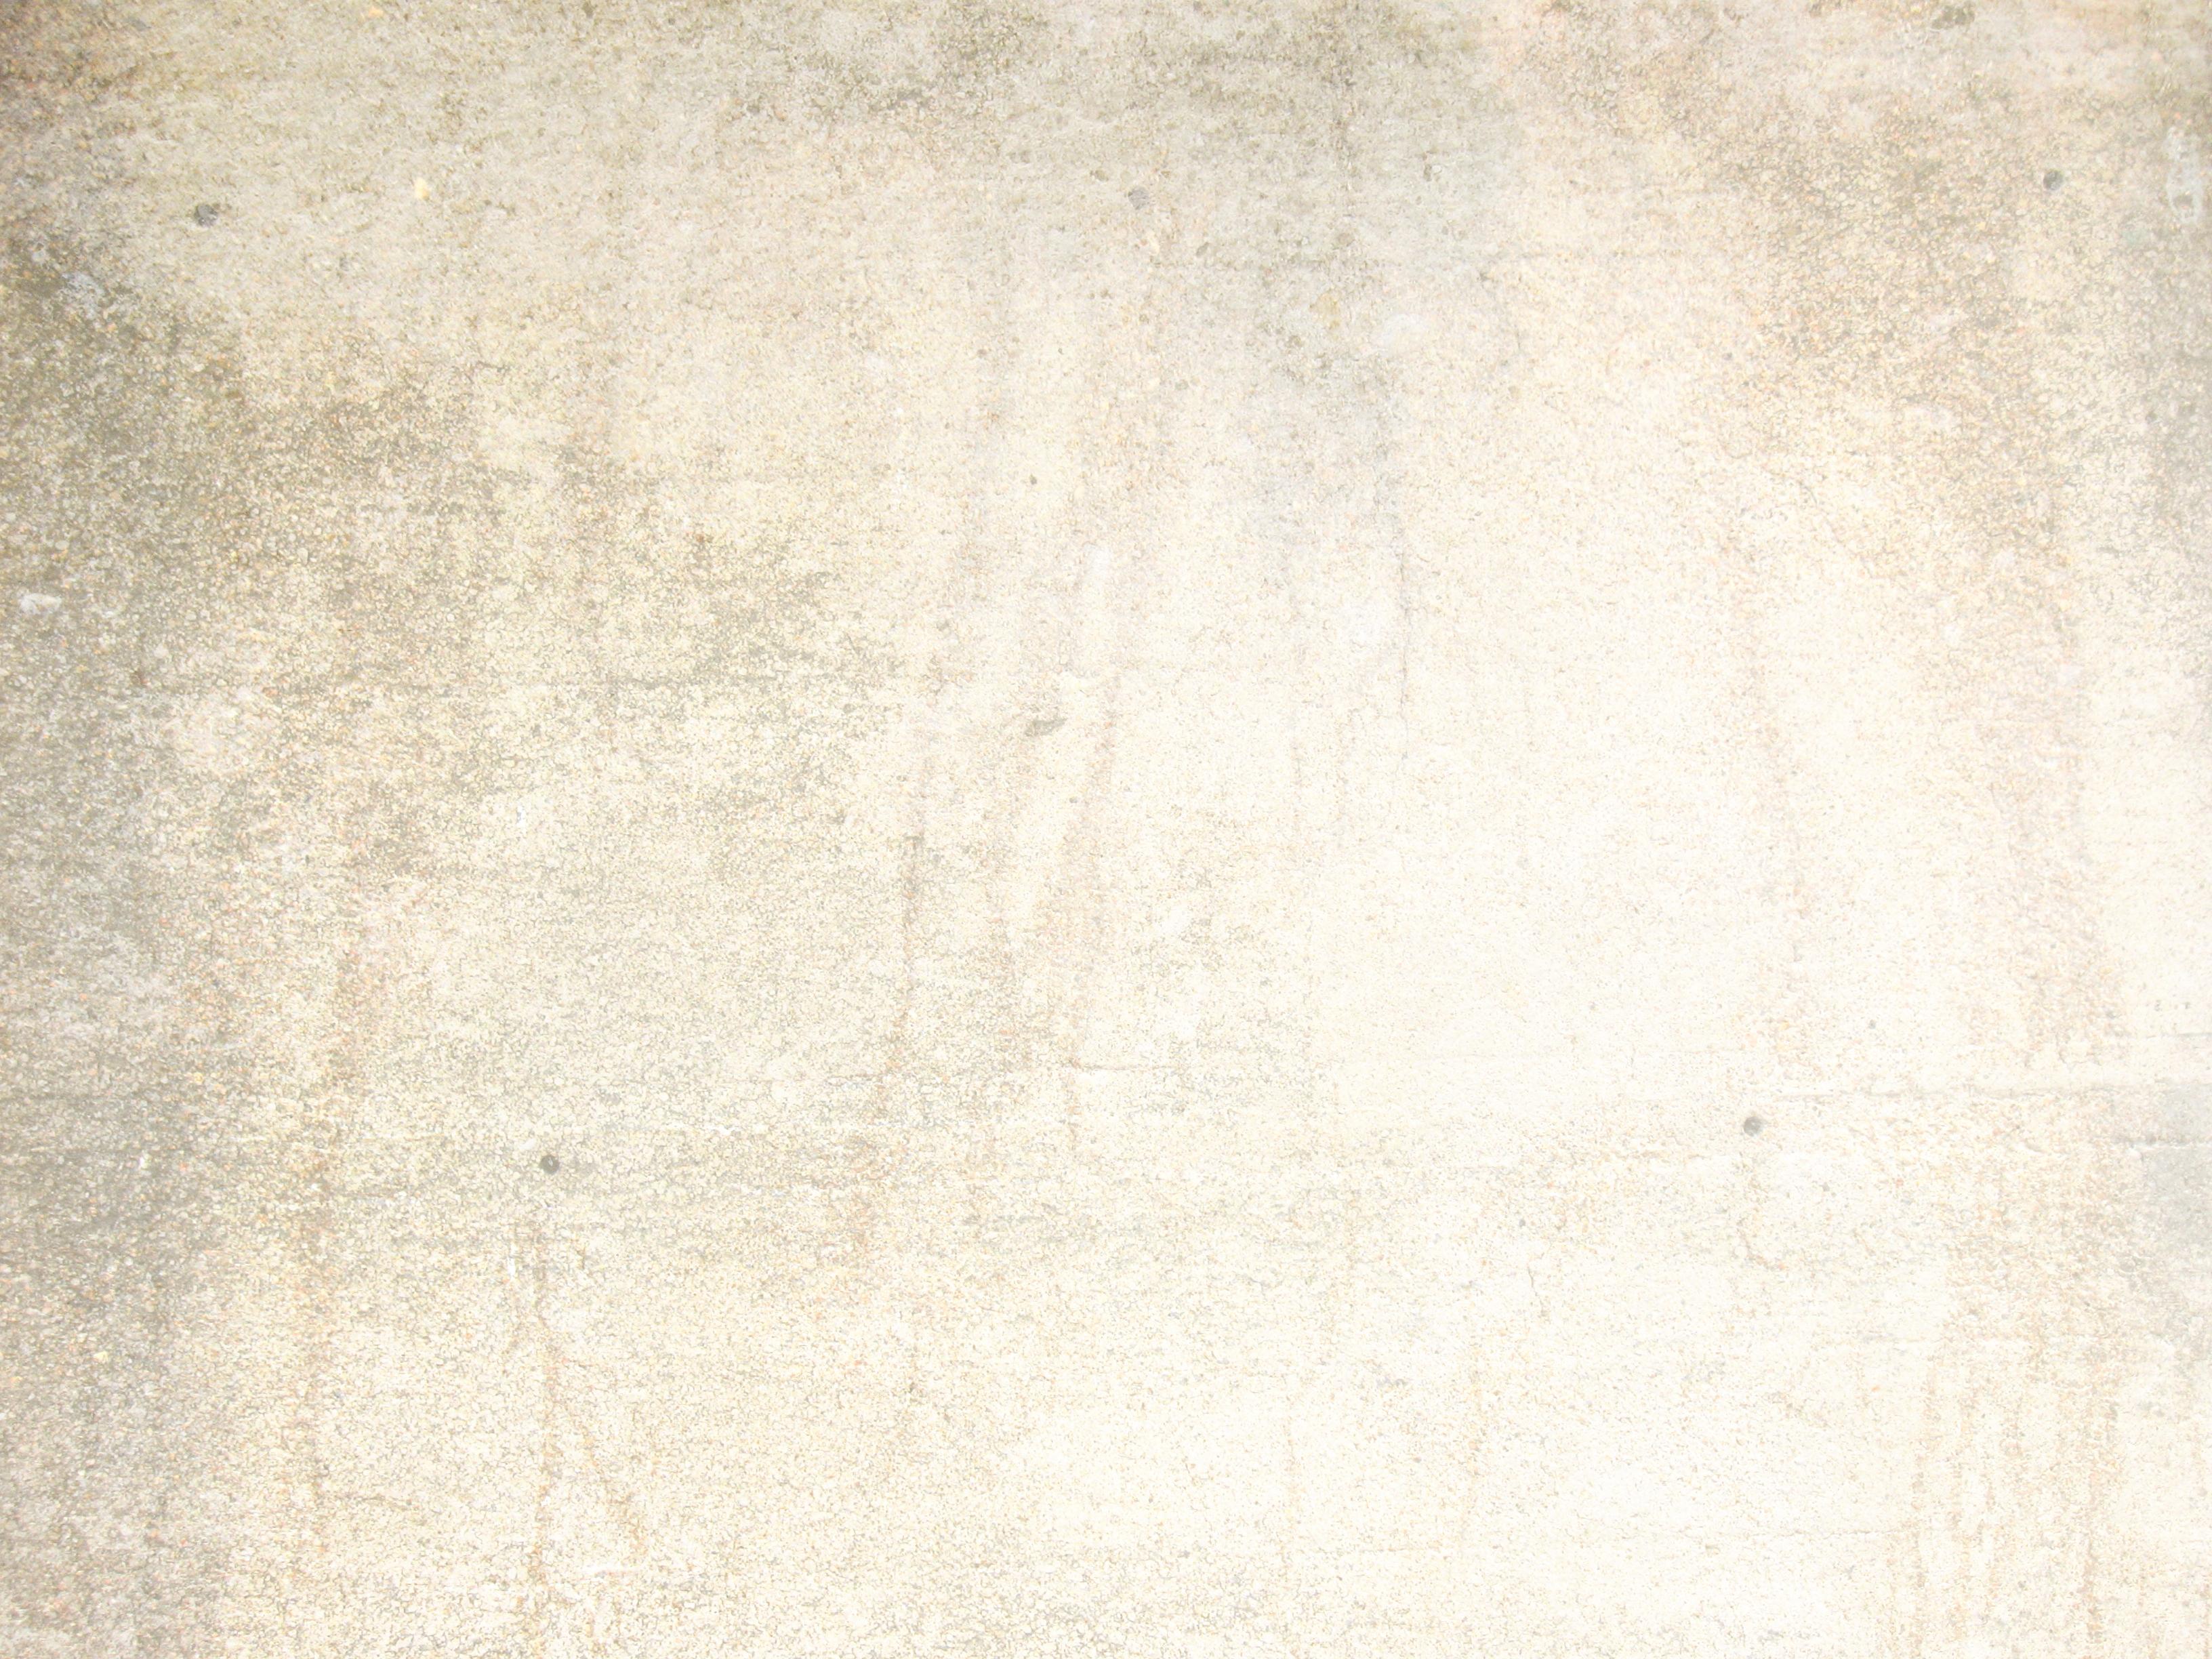 Free Subtle Light Grunge Texture Texture L T